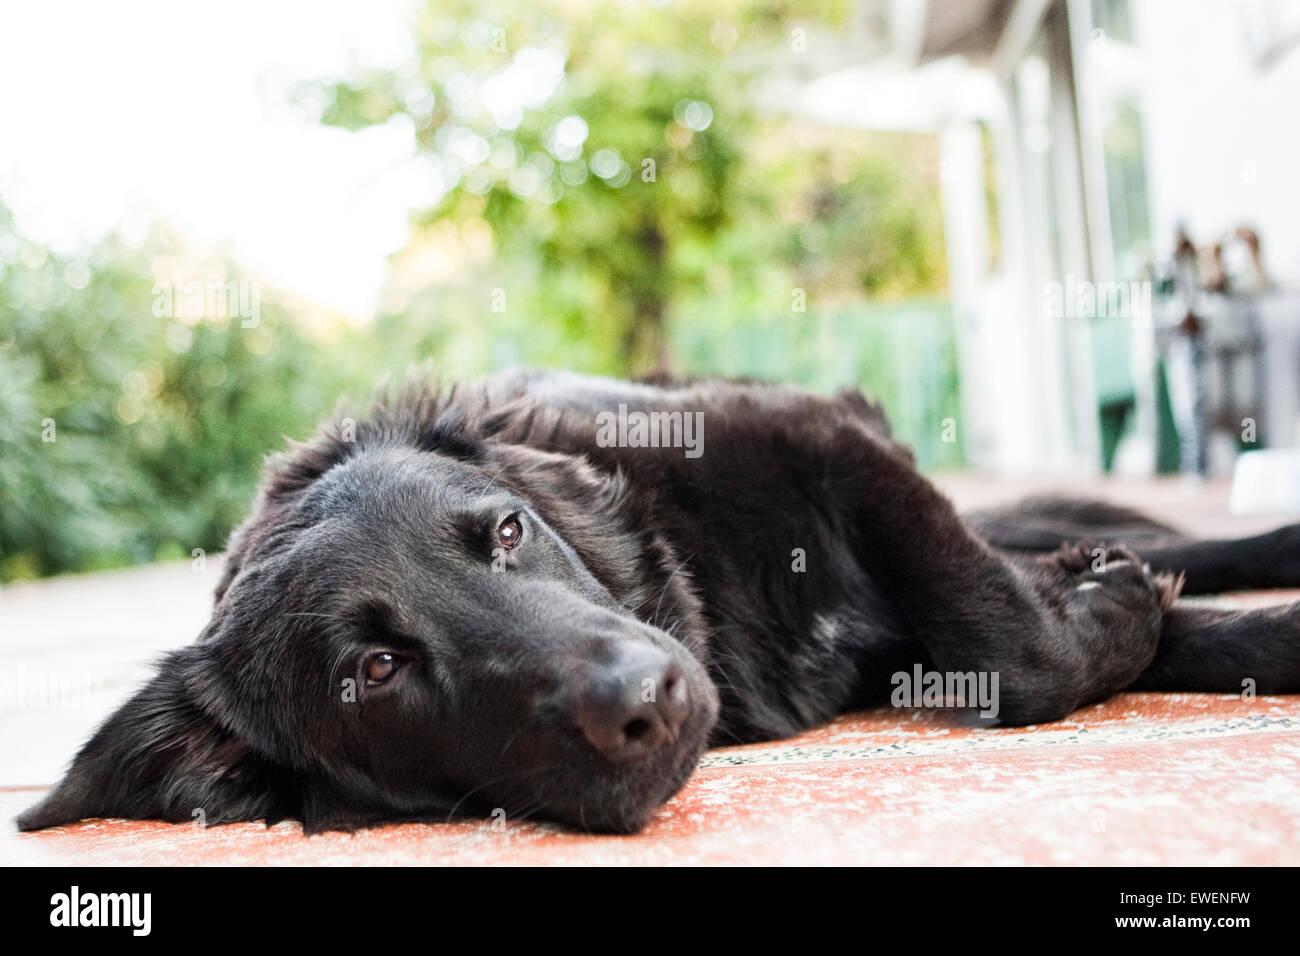 Flat Coat Retriever dog fixant détente sur tablier de béton de chambre Photo Stock